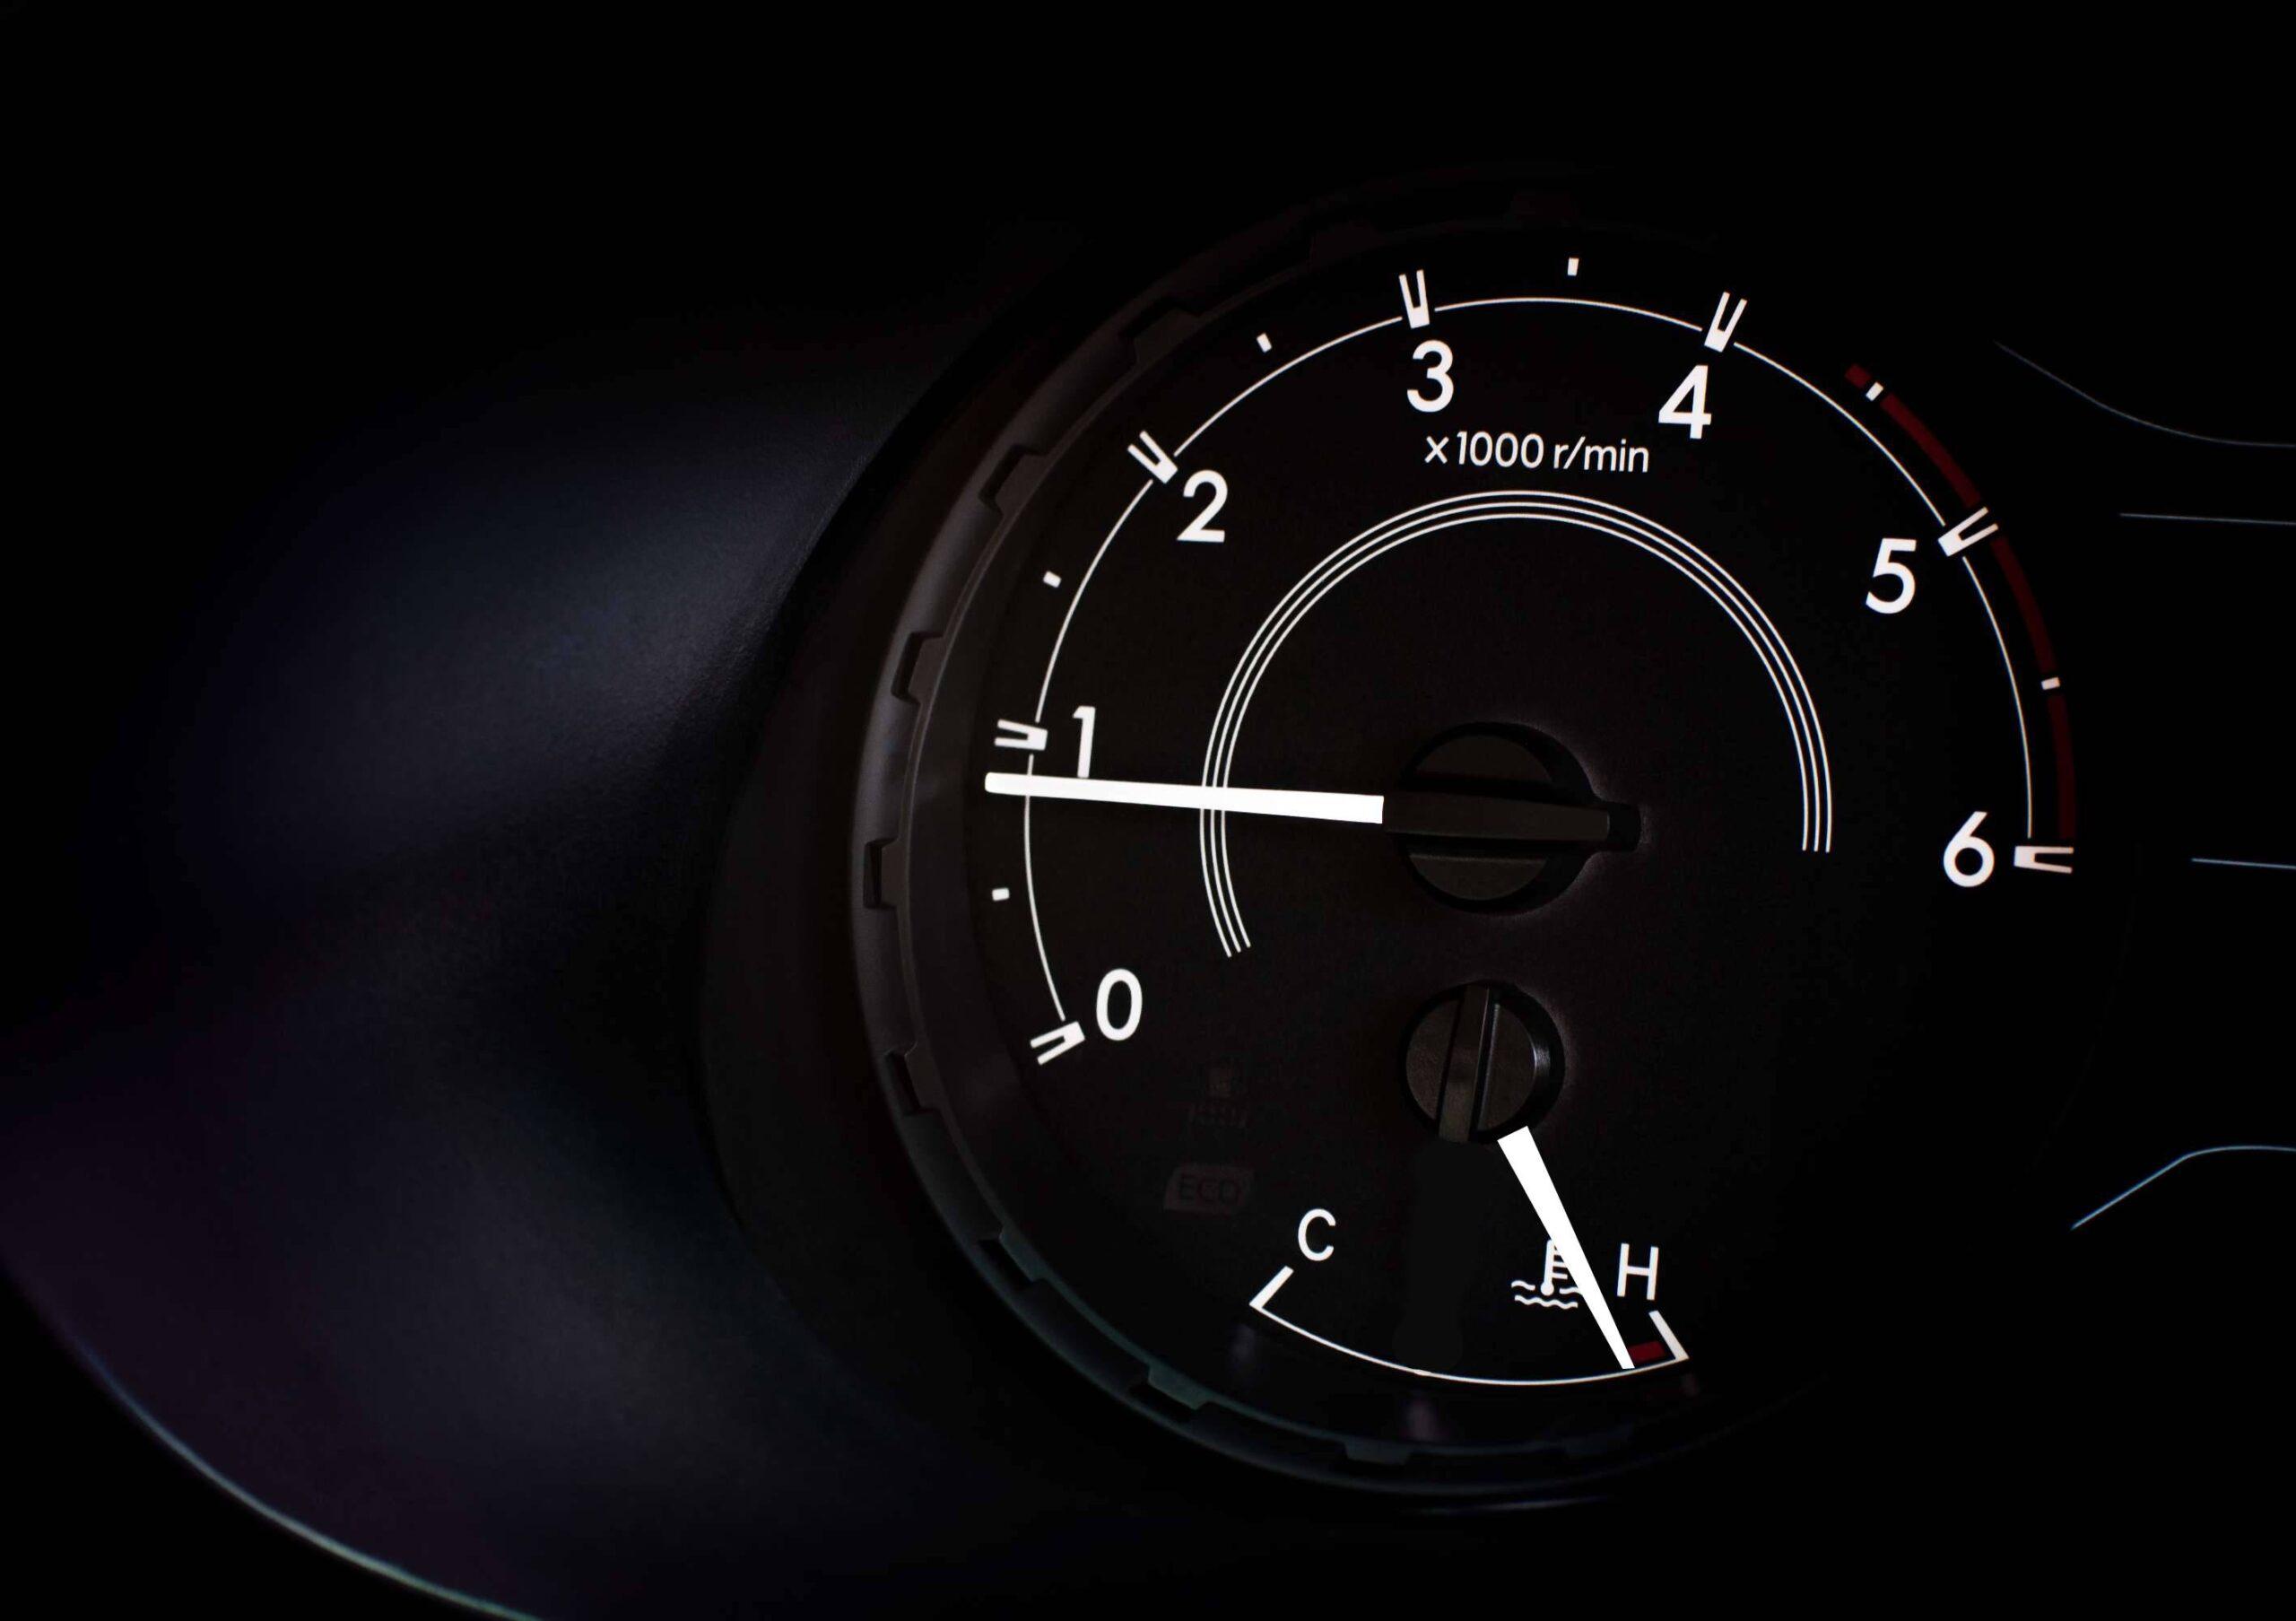 car coolant temperature indicator